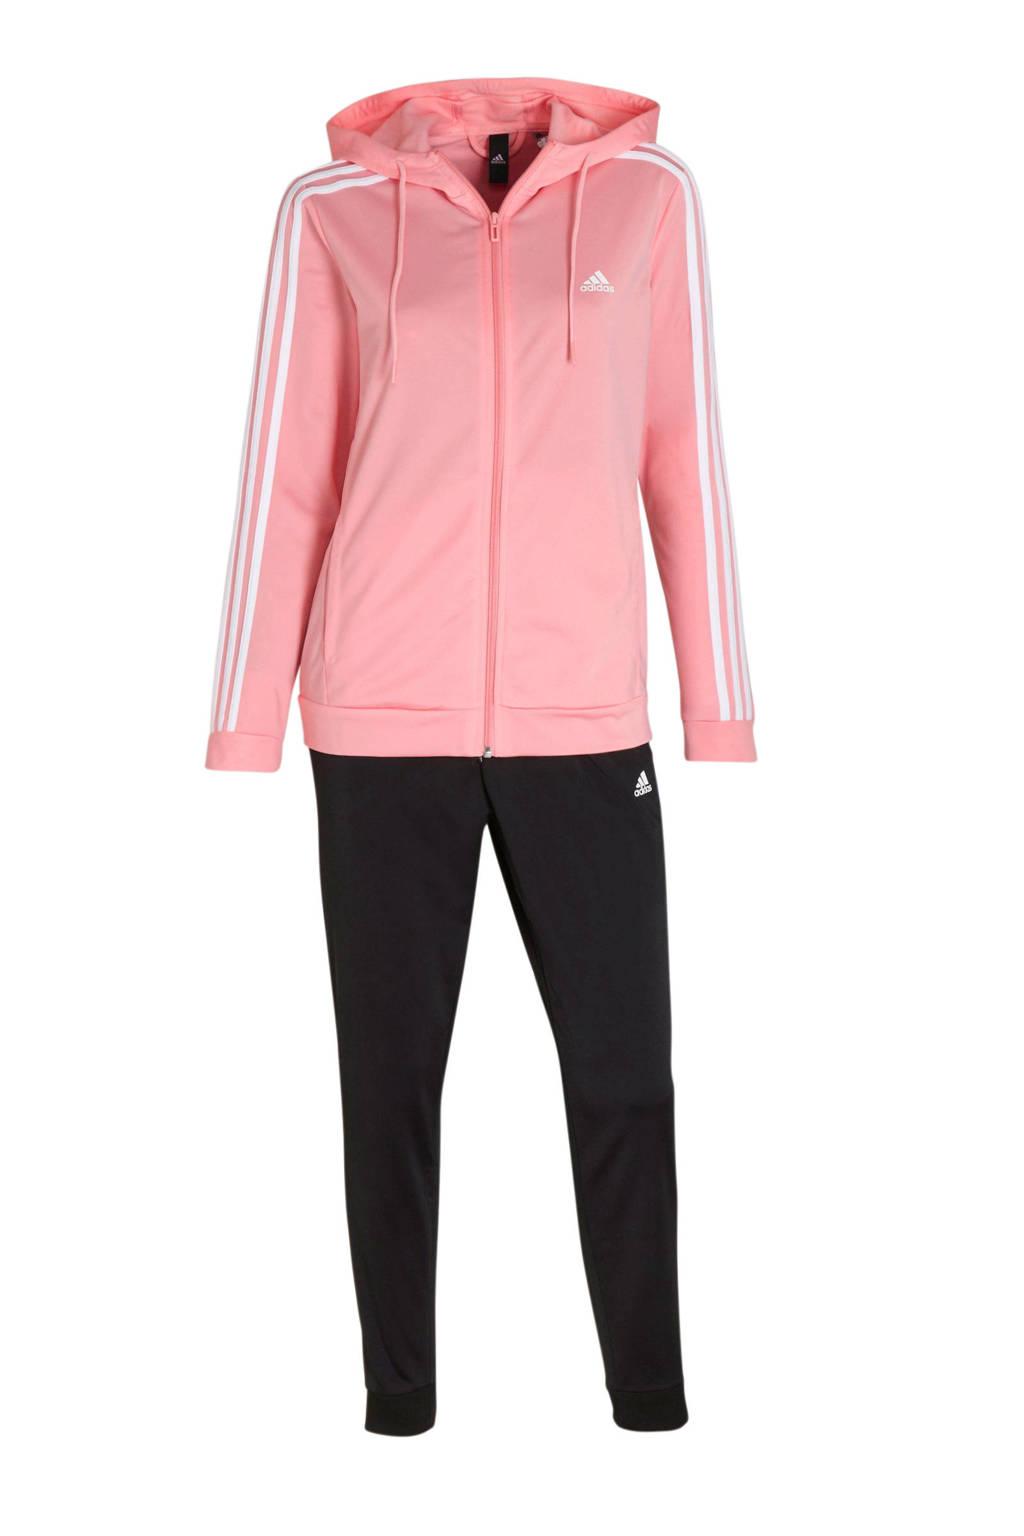 adidas Performance trainingspak zwart/roze/wit, Roze/zwart/wit